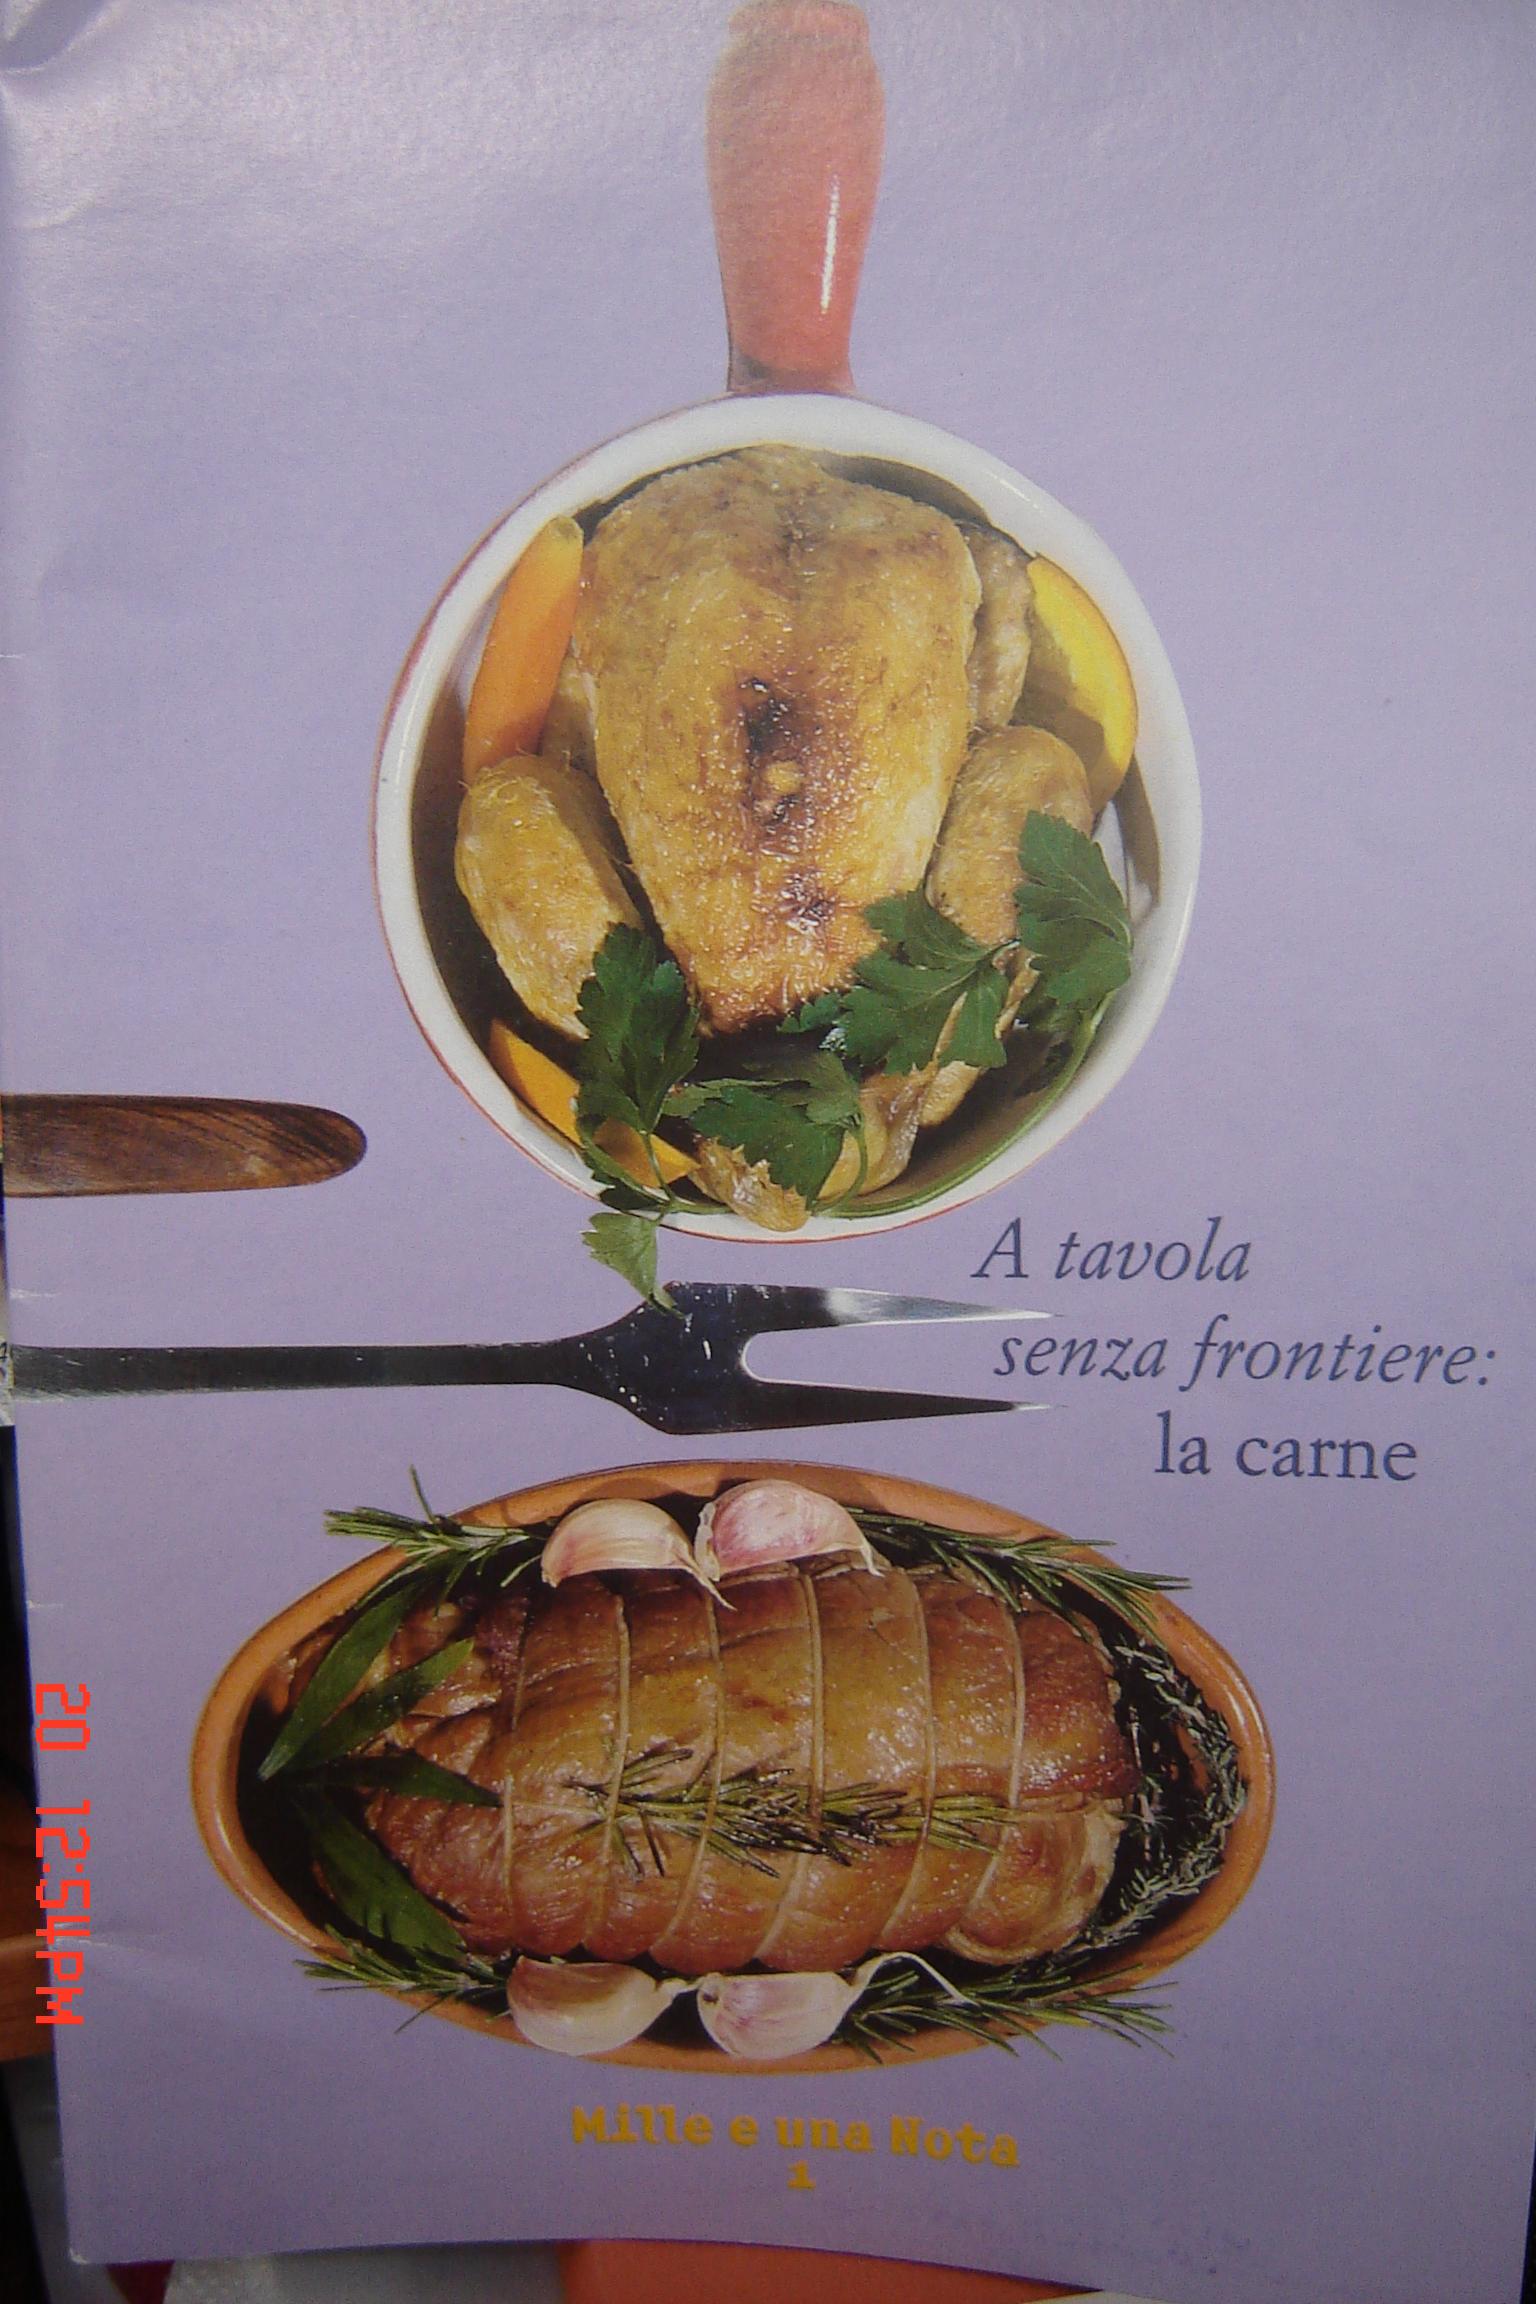 A tavola senza frontiere: la carne